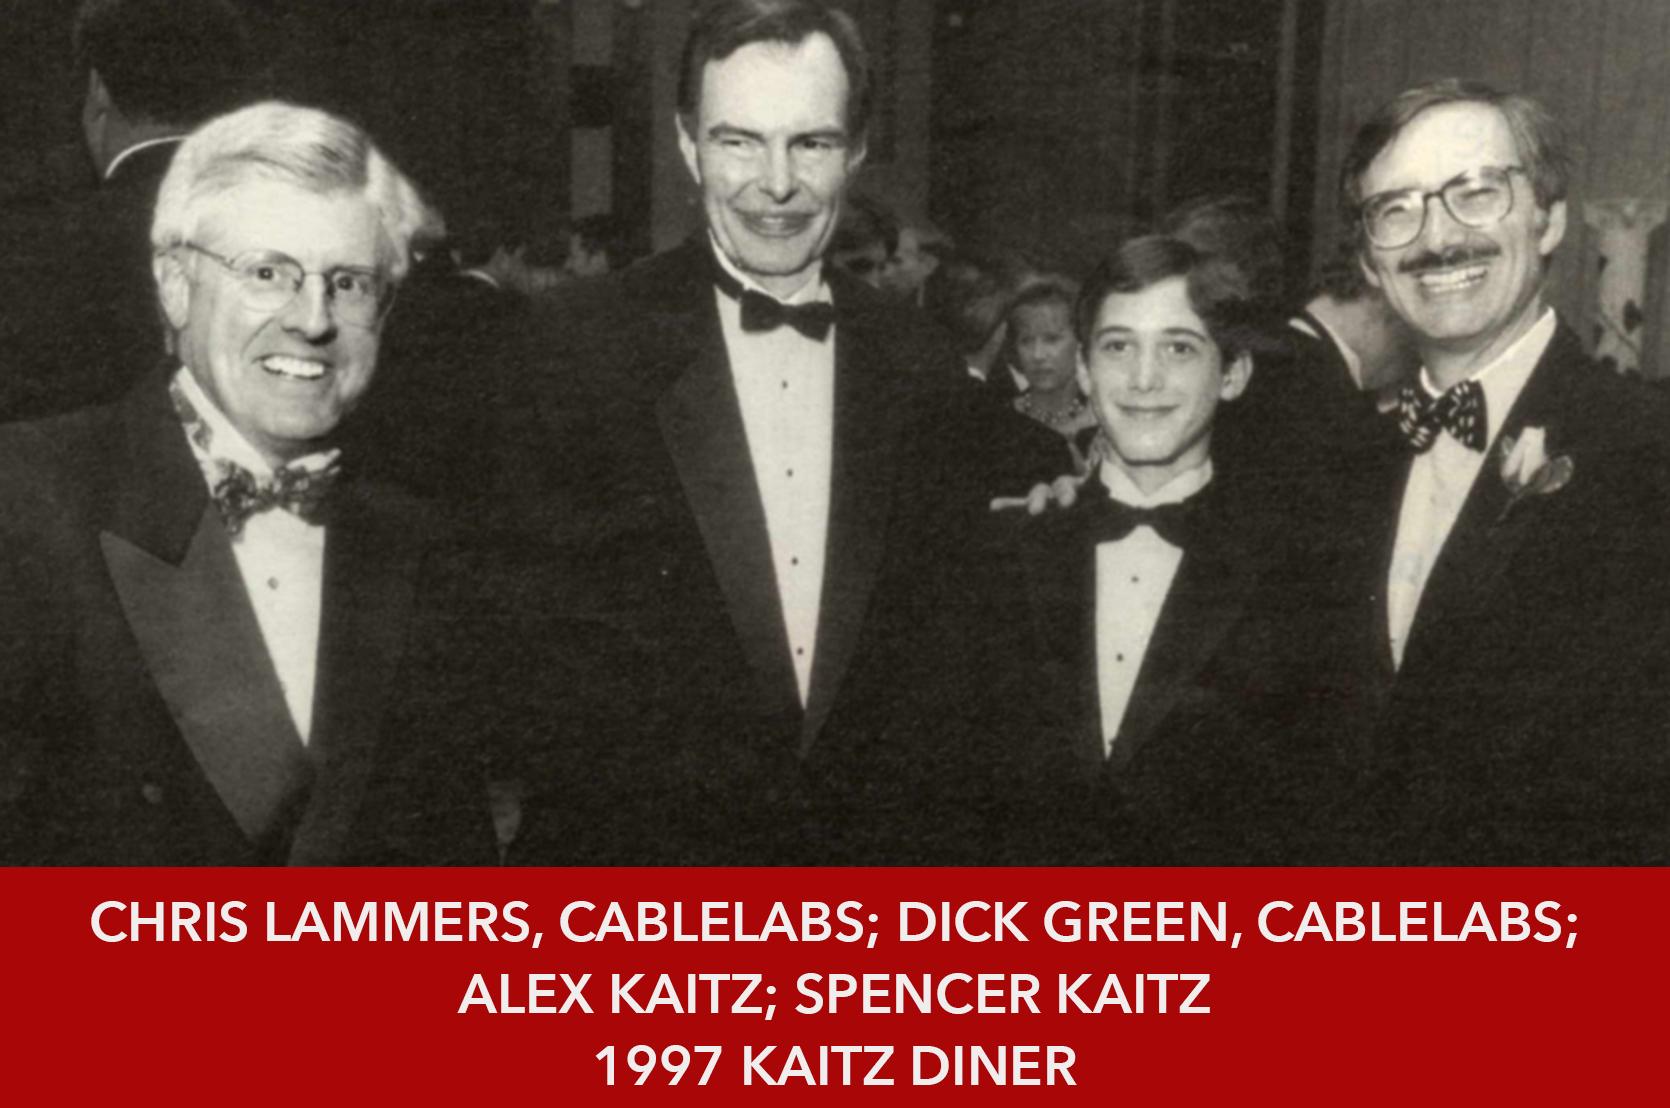 1997 Kaitz Dinner